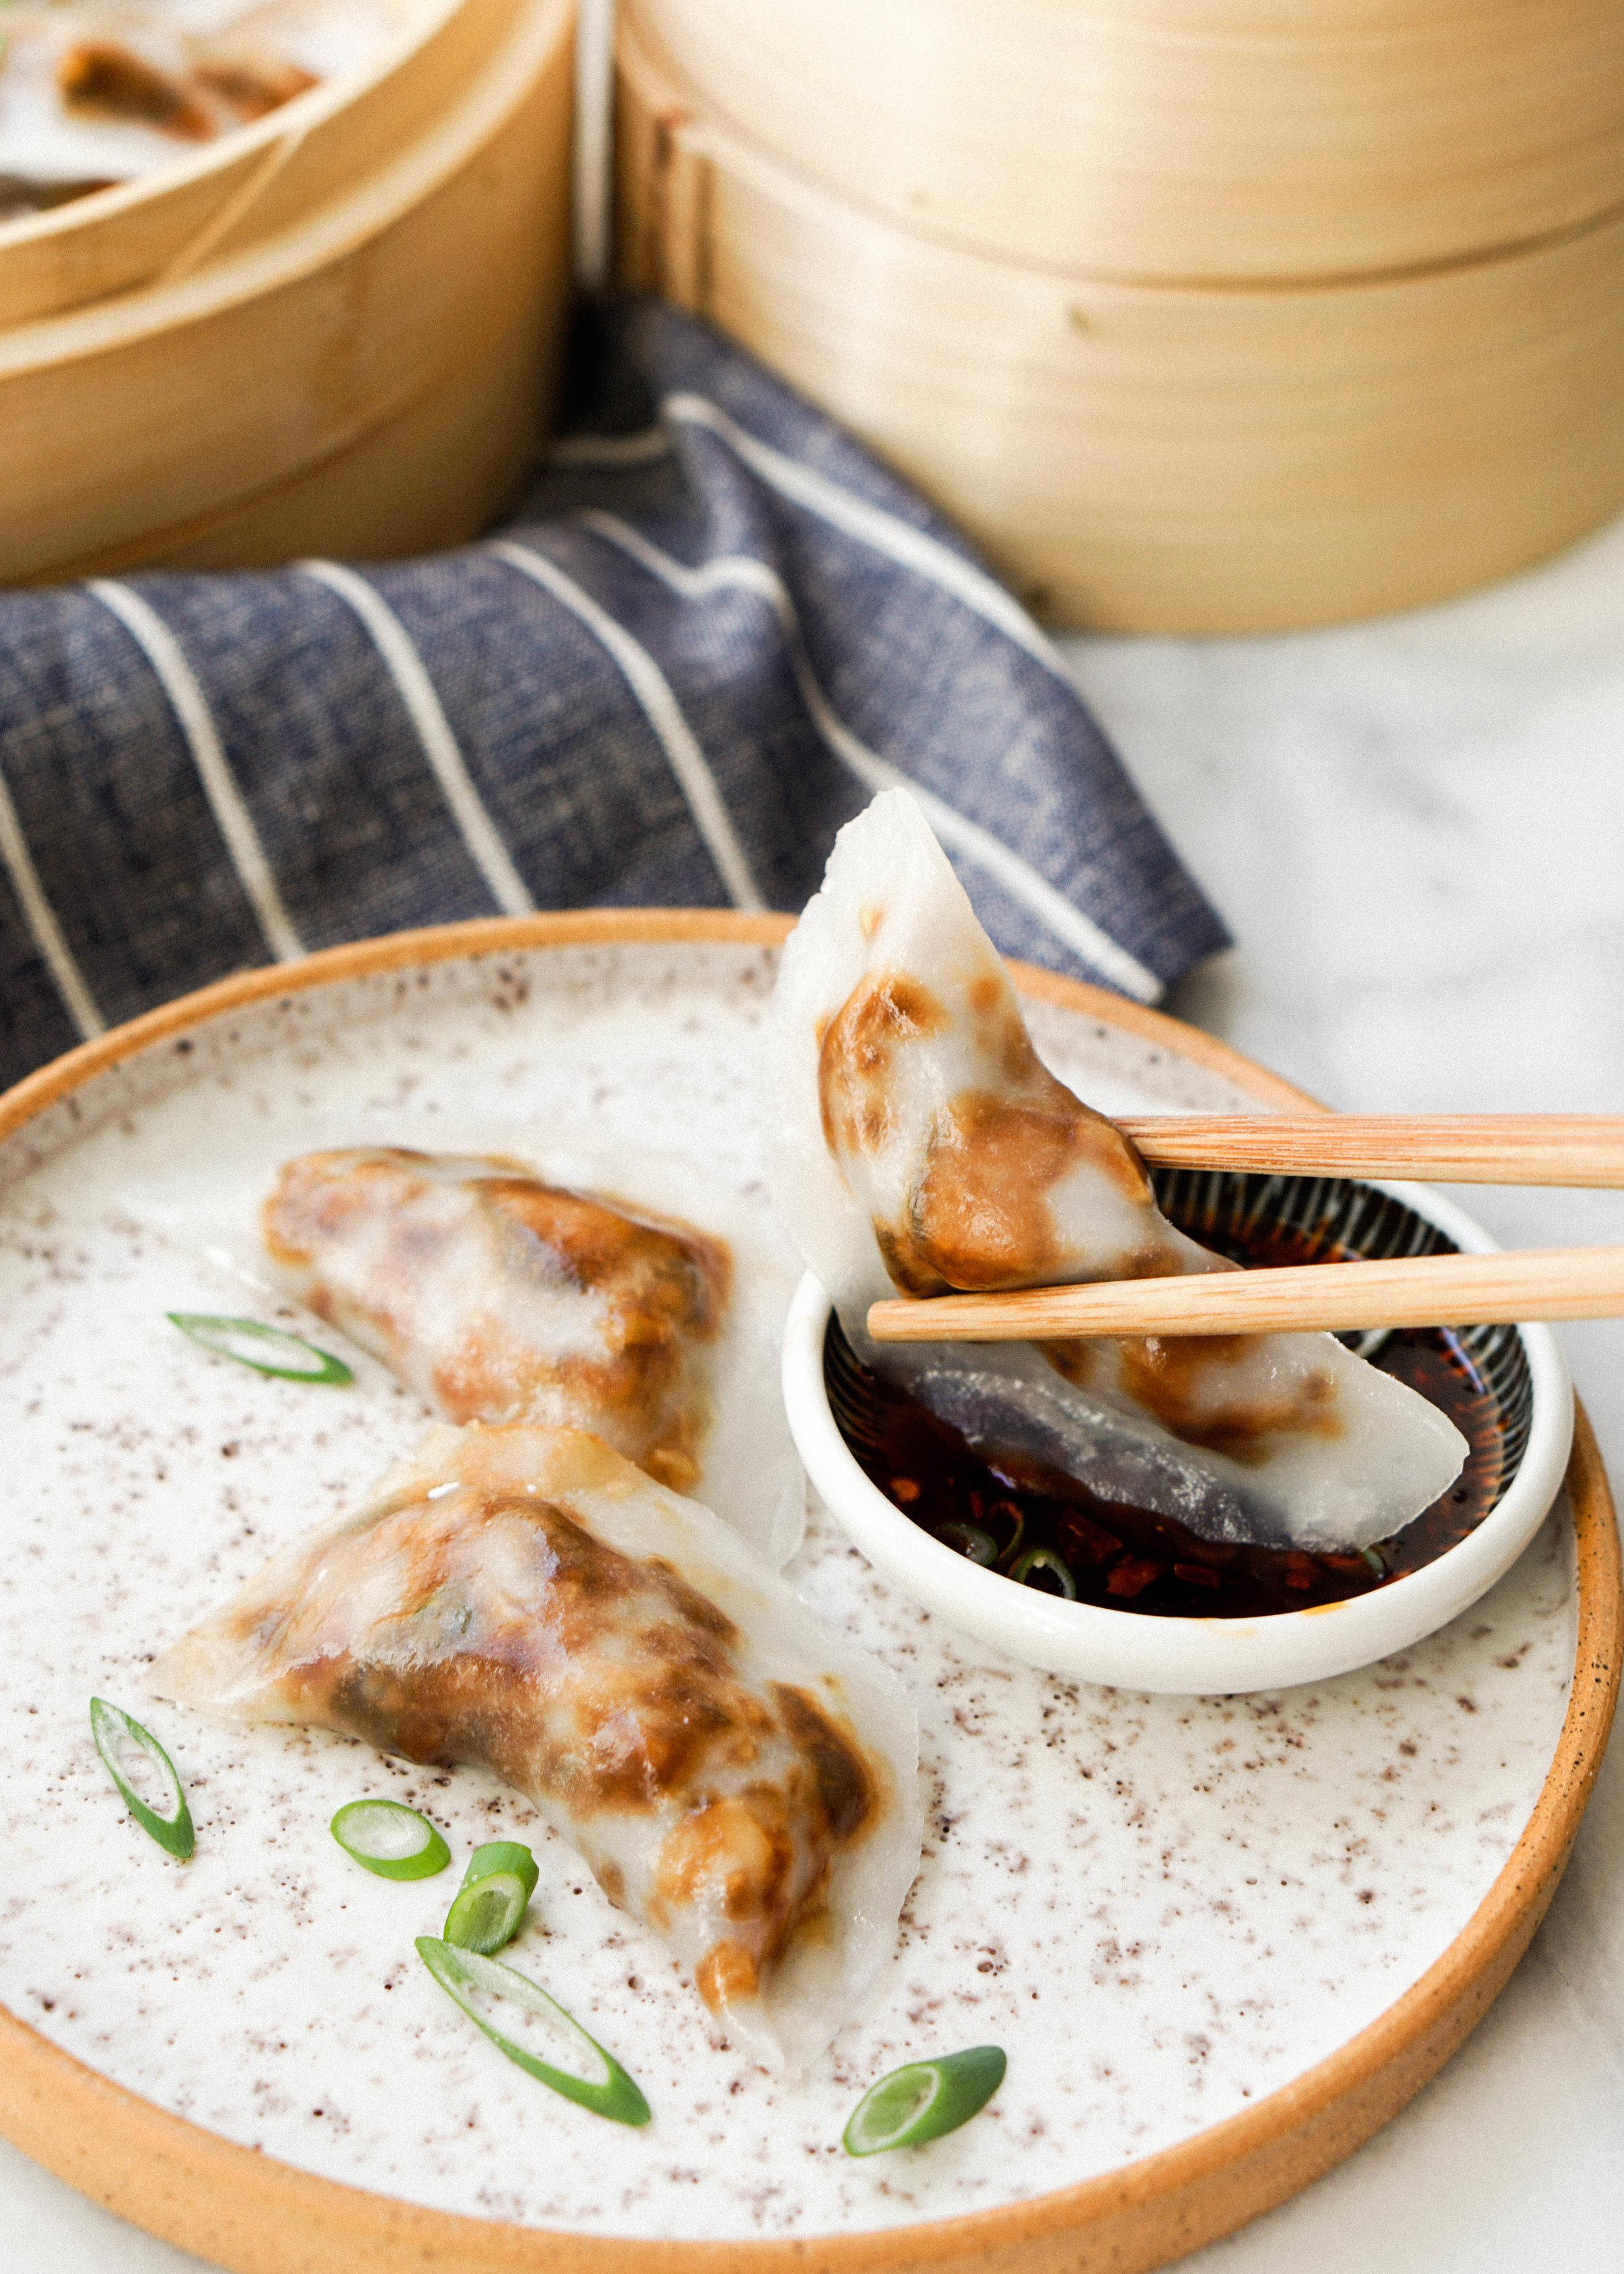 Crystal Mushroom Dumplings // https://eatchofood.com/blog/2019/1/20/crystal-mushroom-dumplings Gluten Free